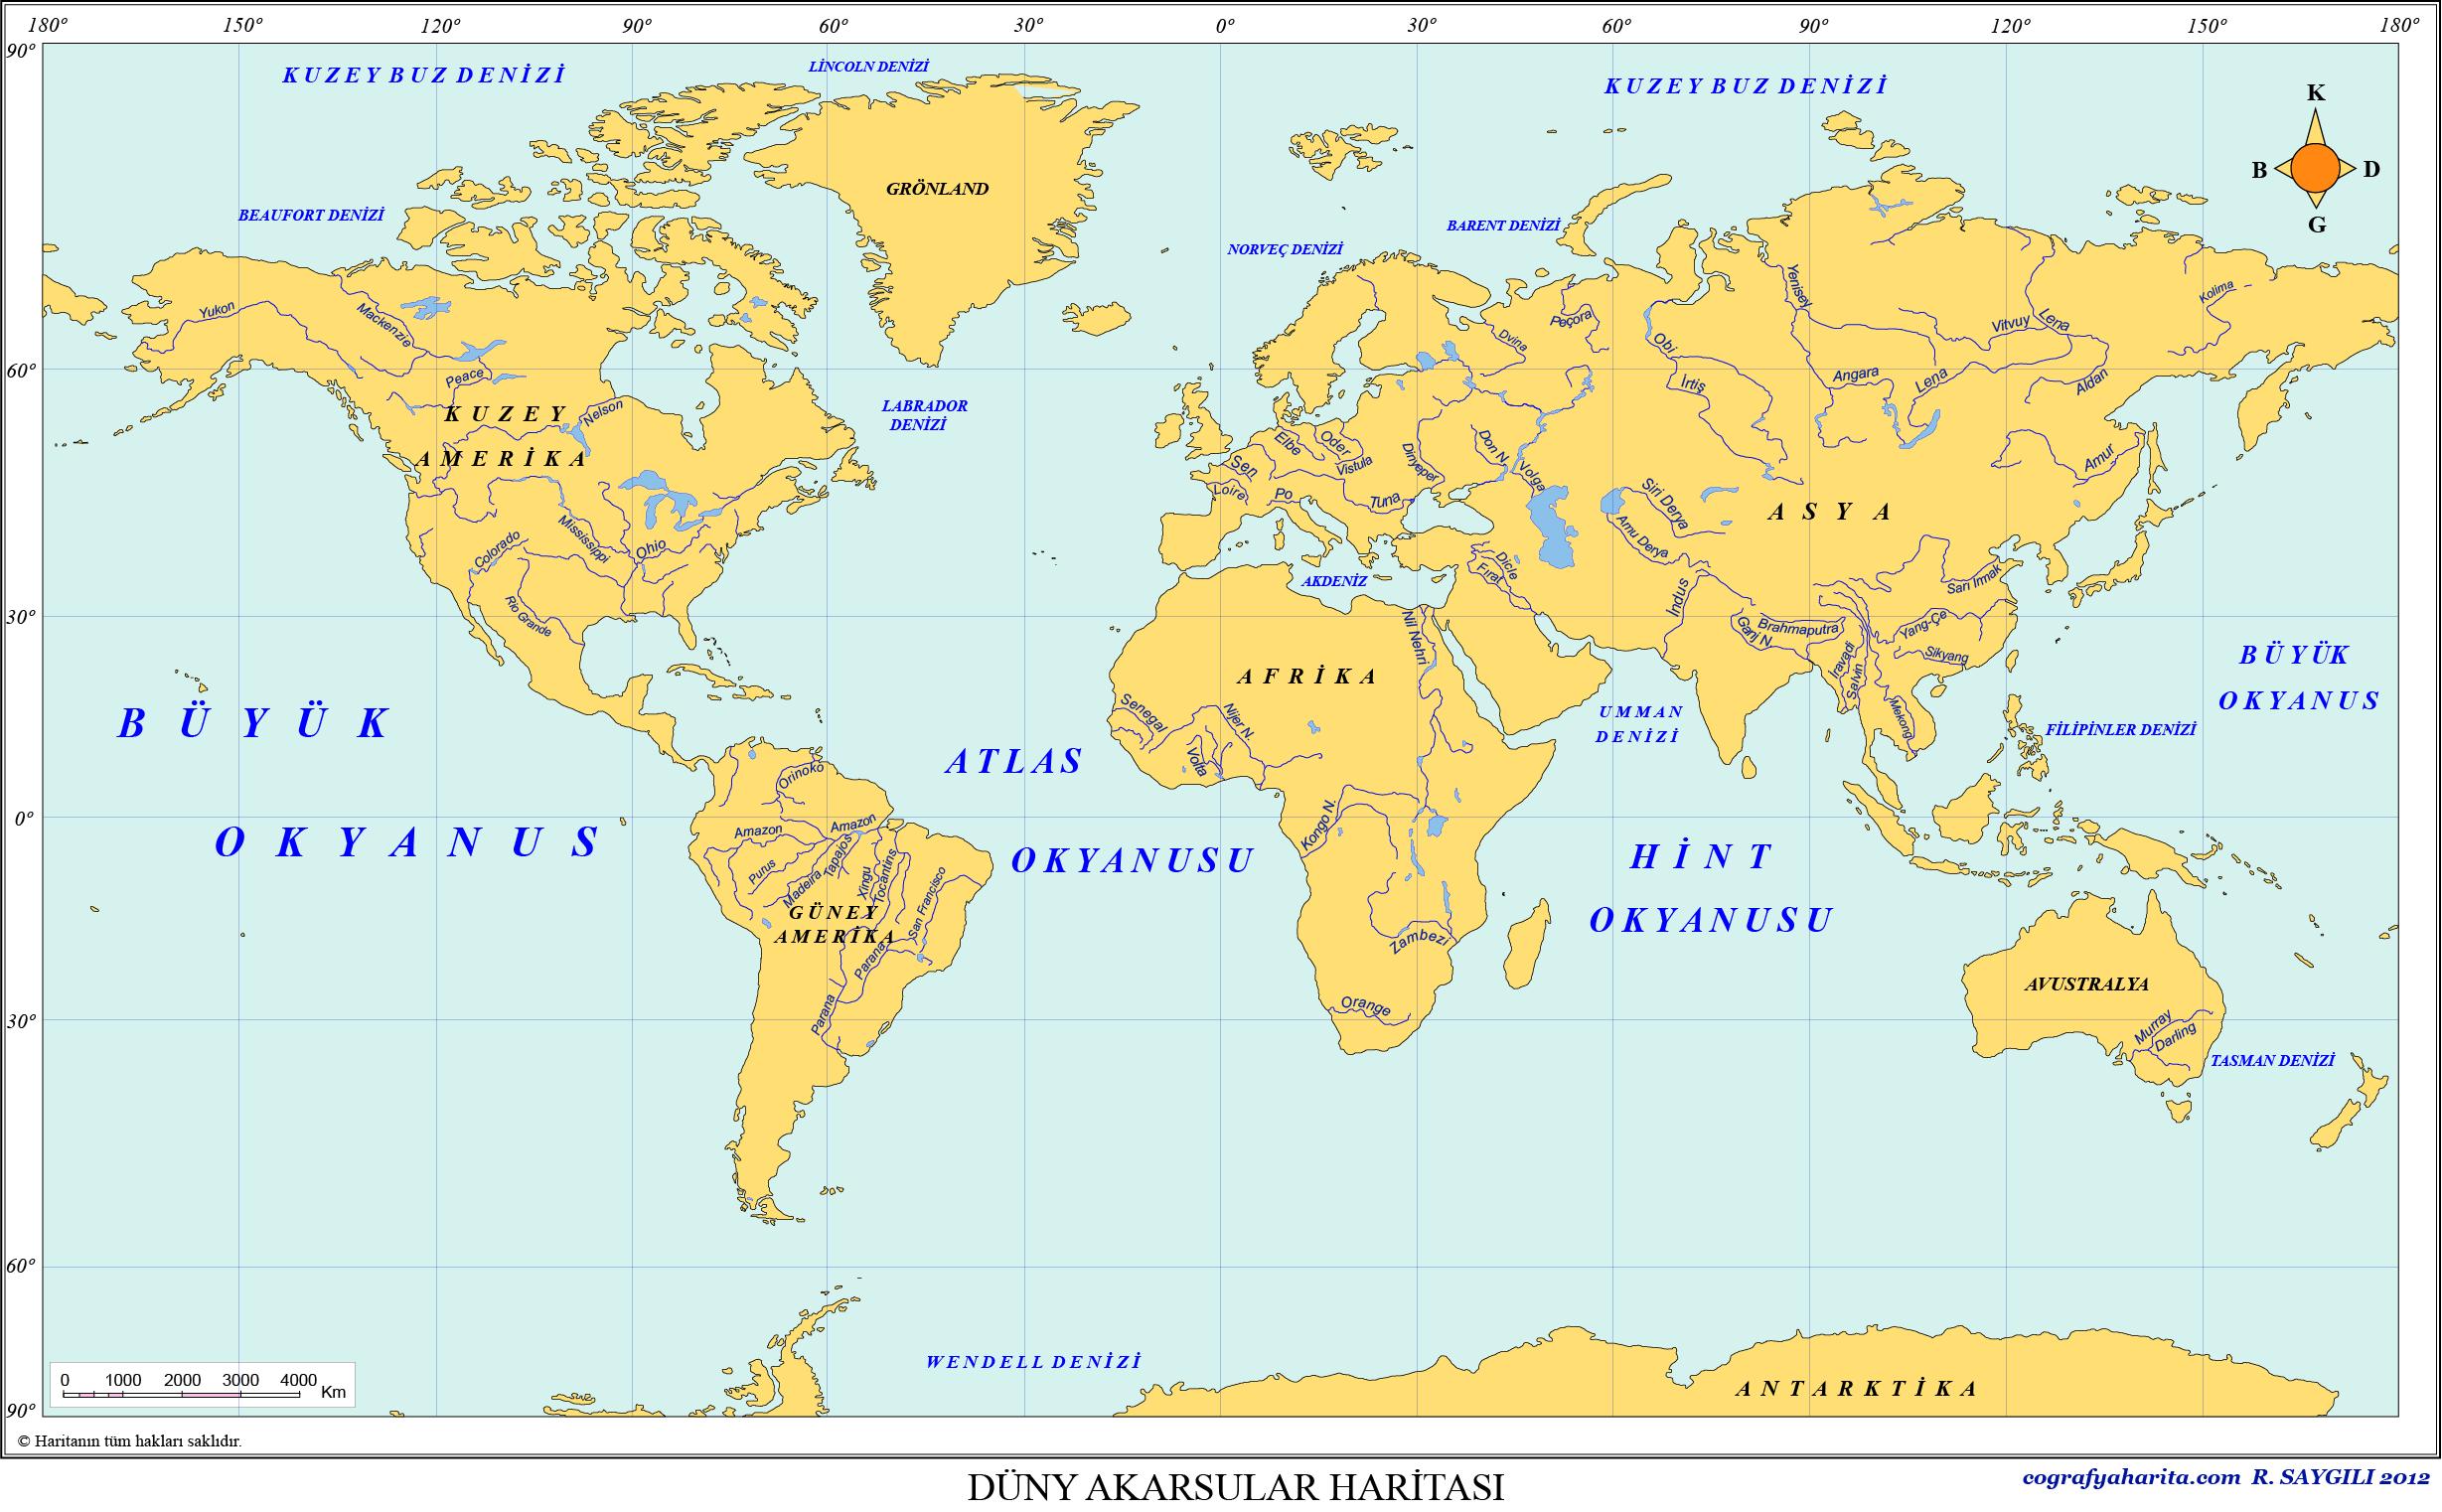 Dünya Akarsular Haritası